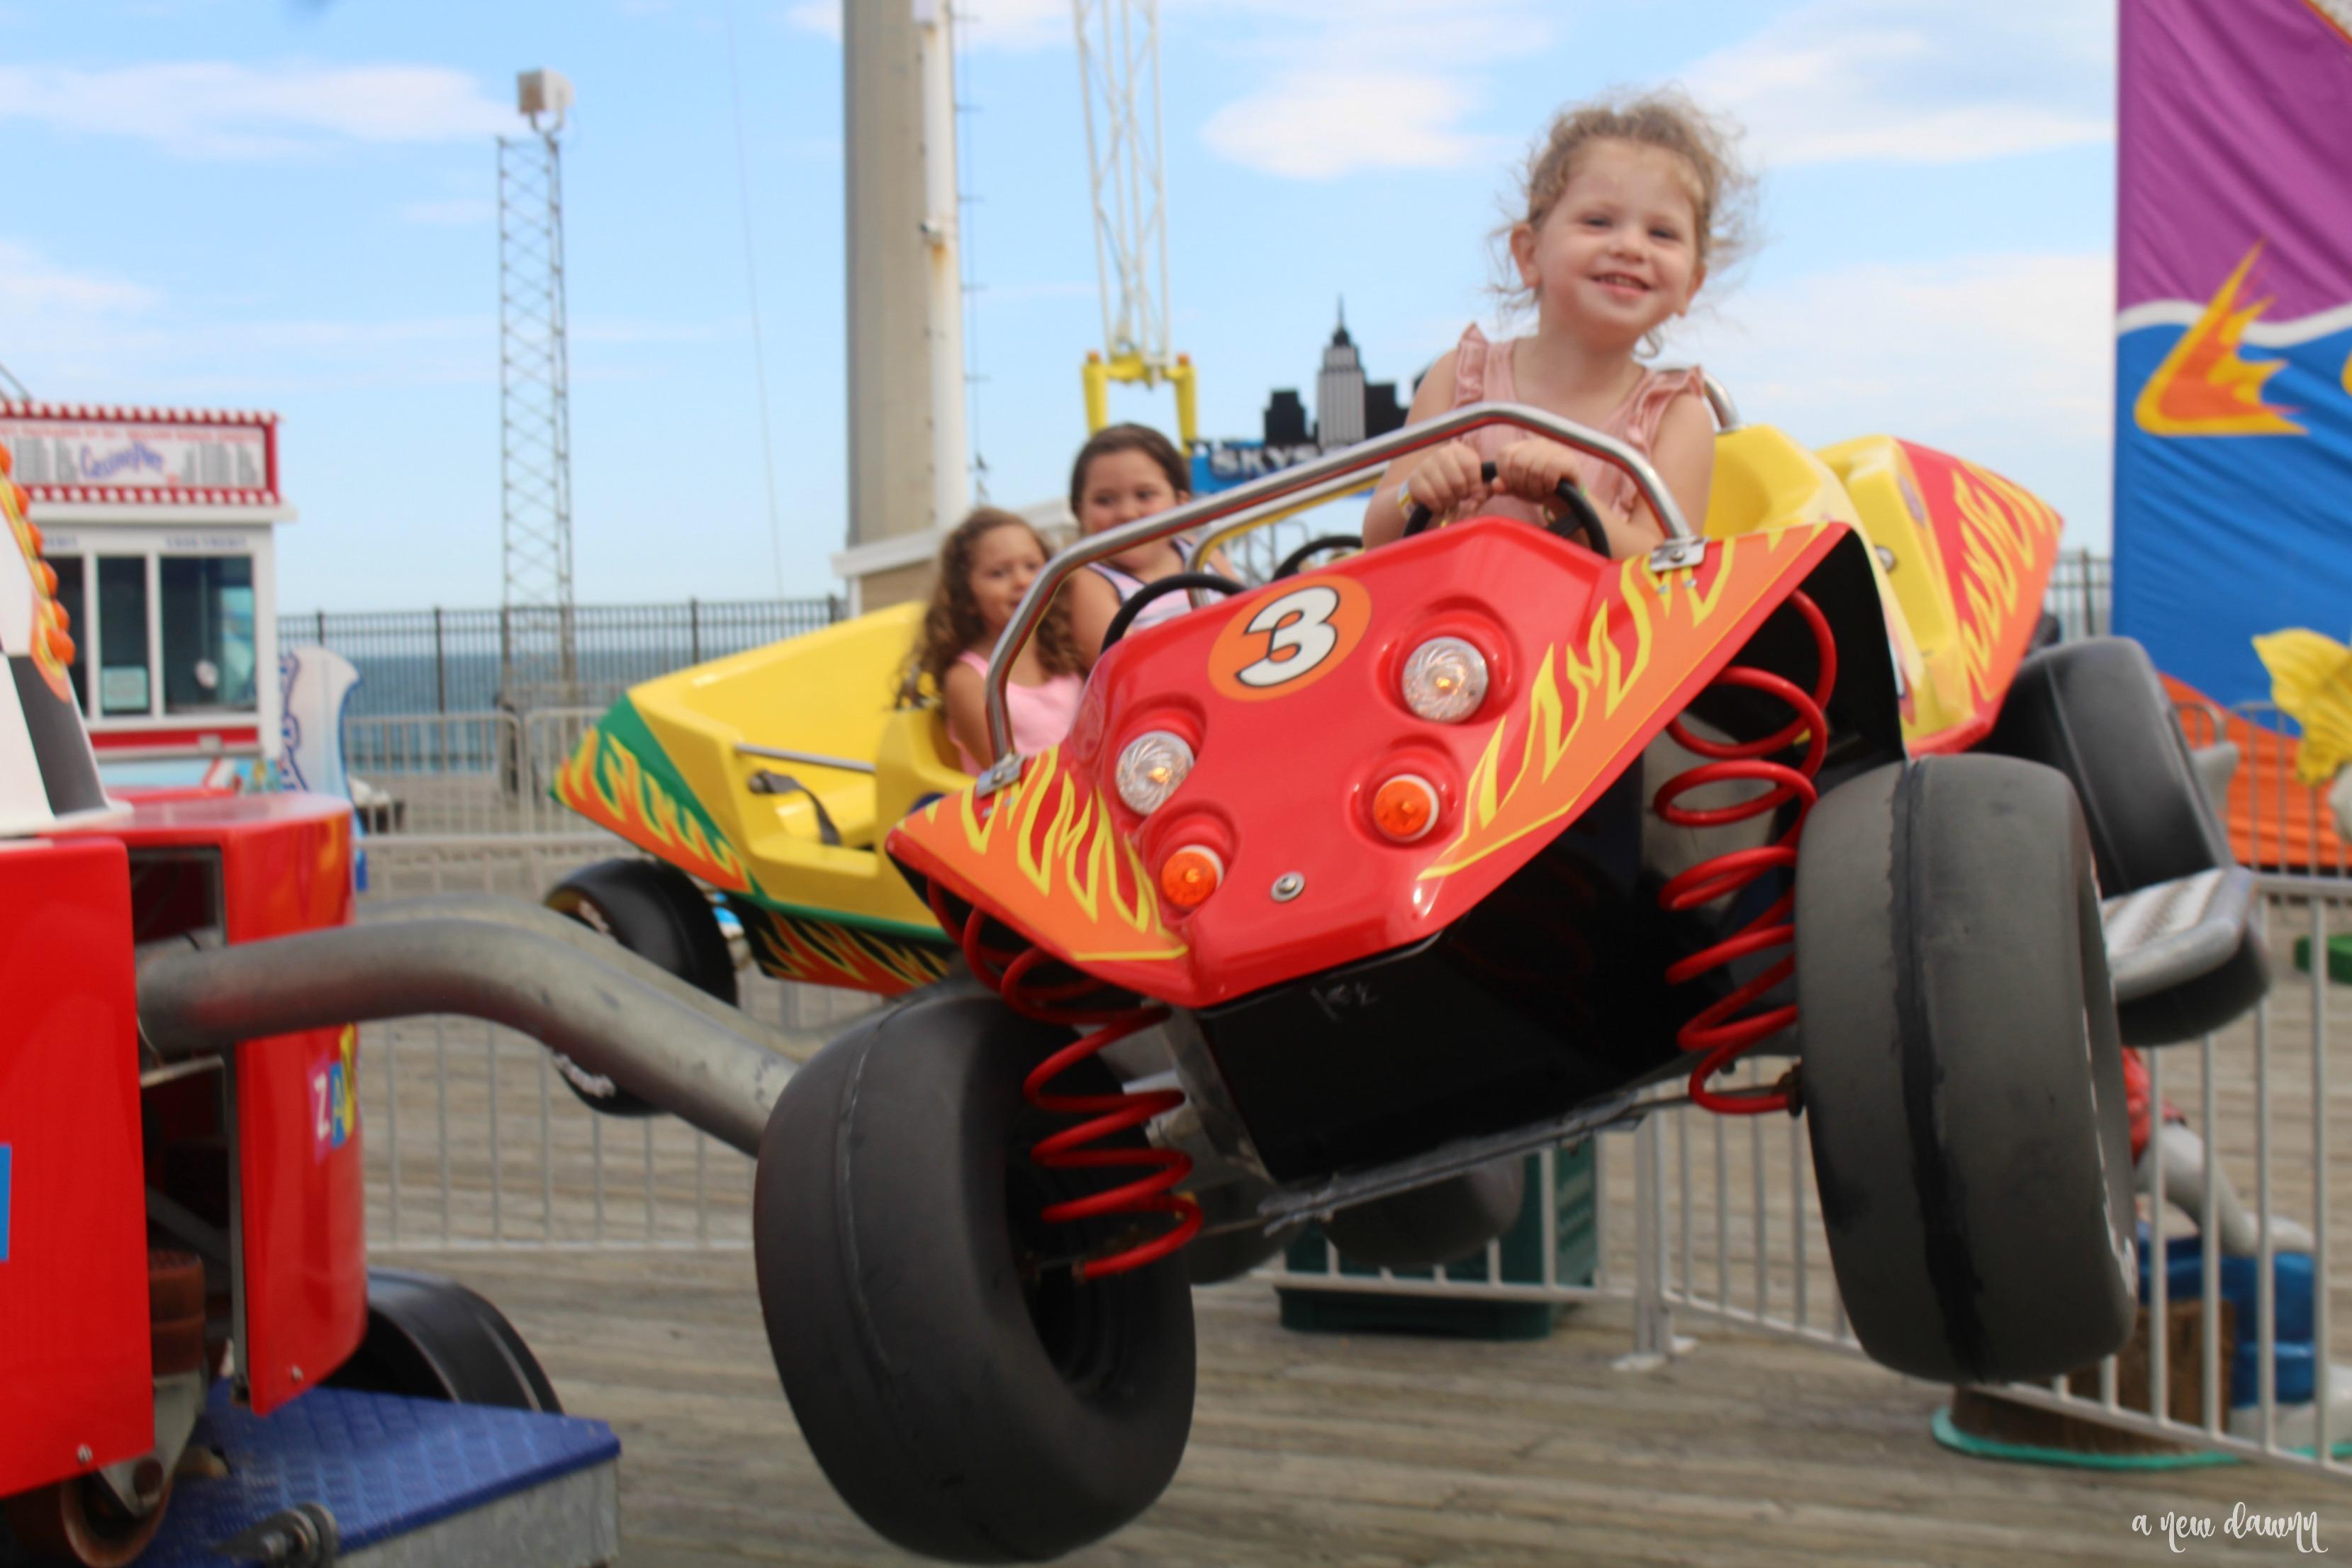 Kiddie rides at Casino Pier